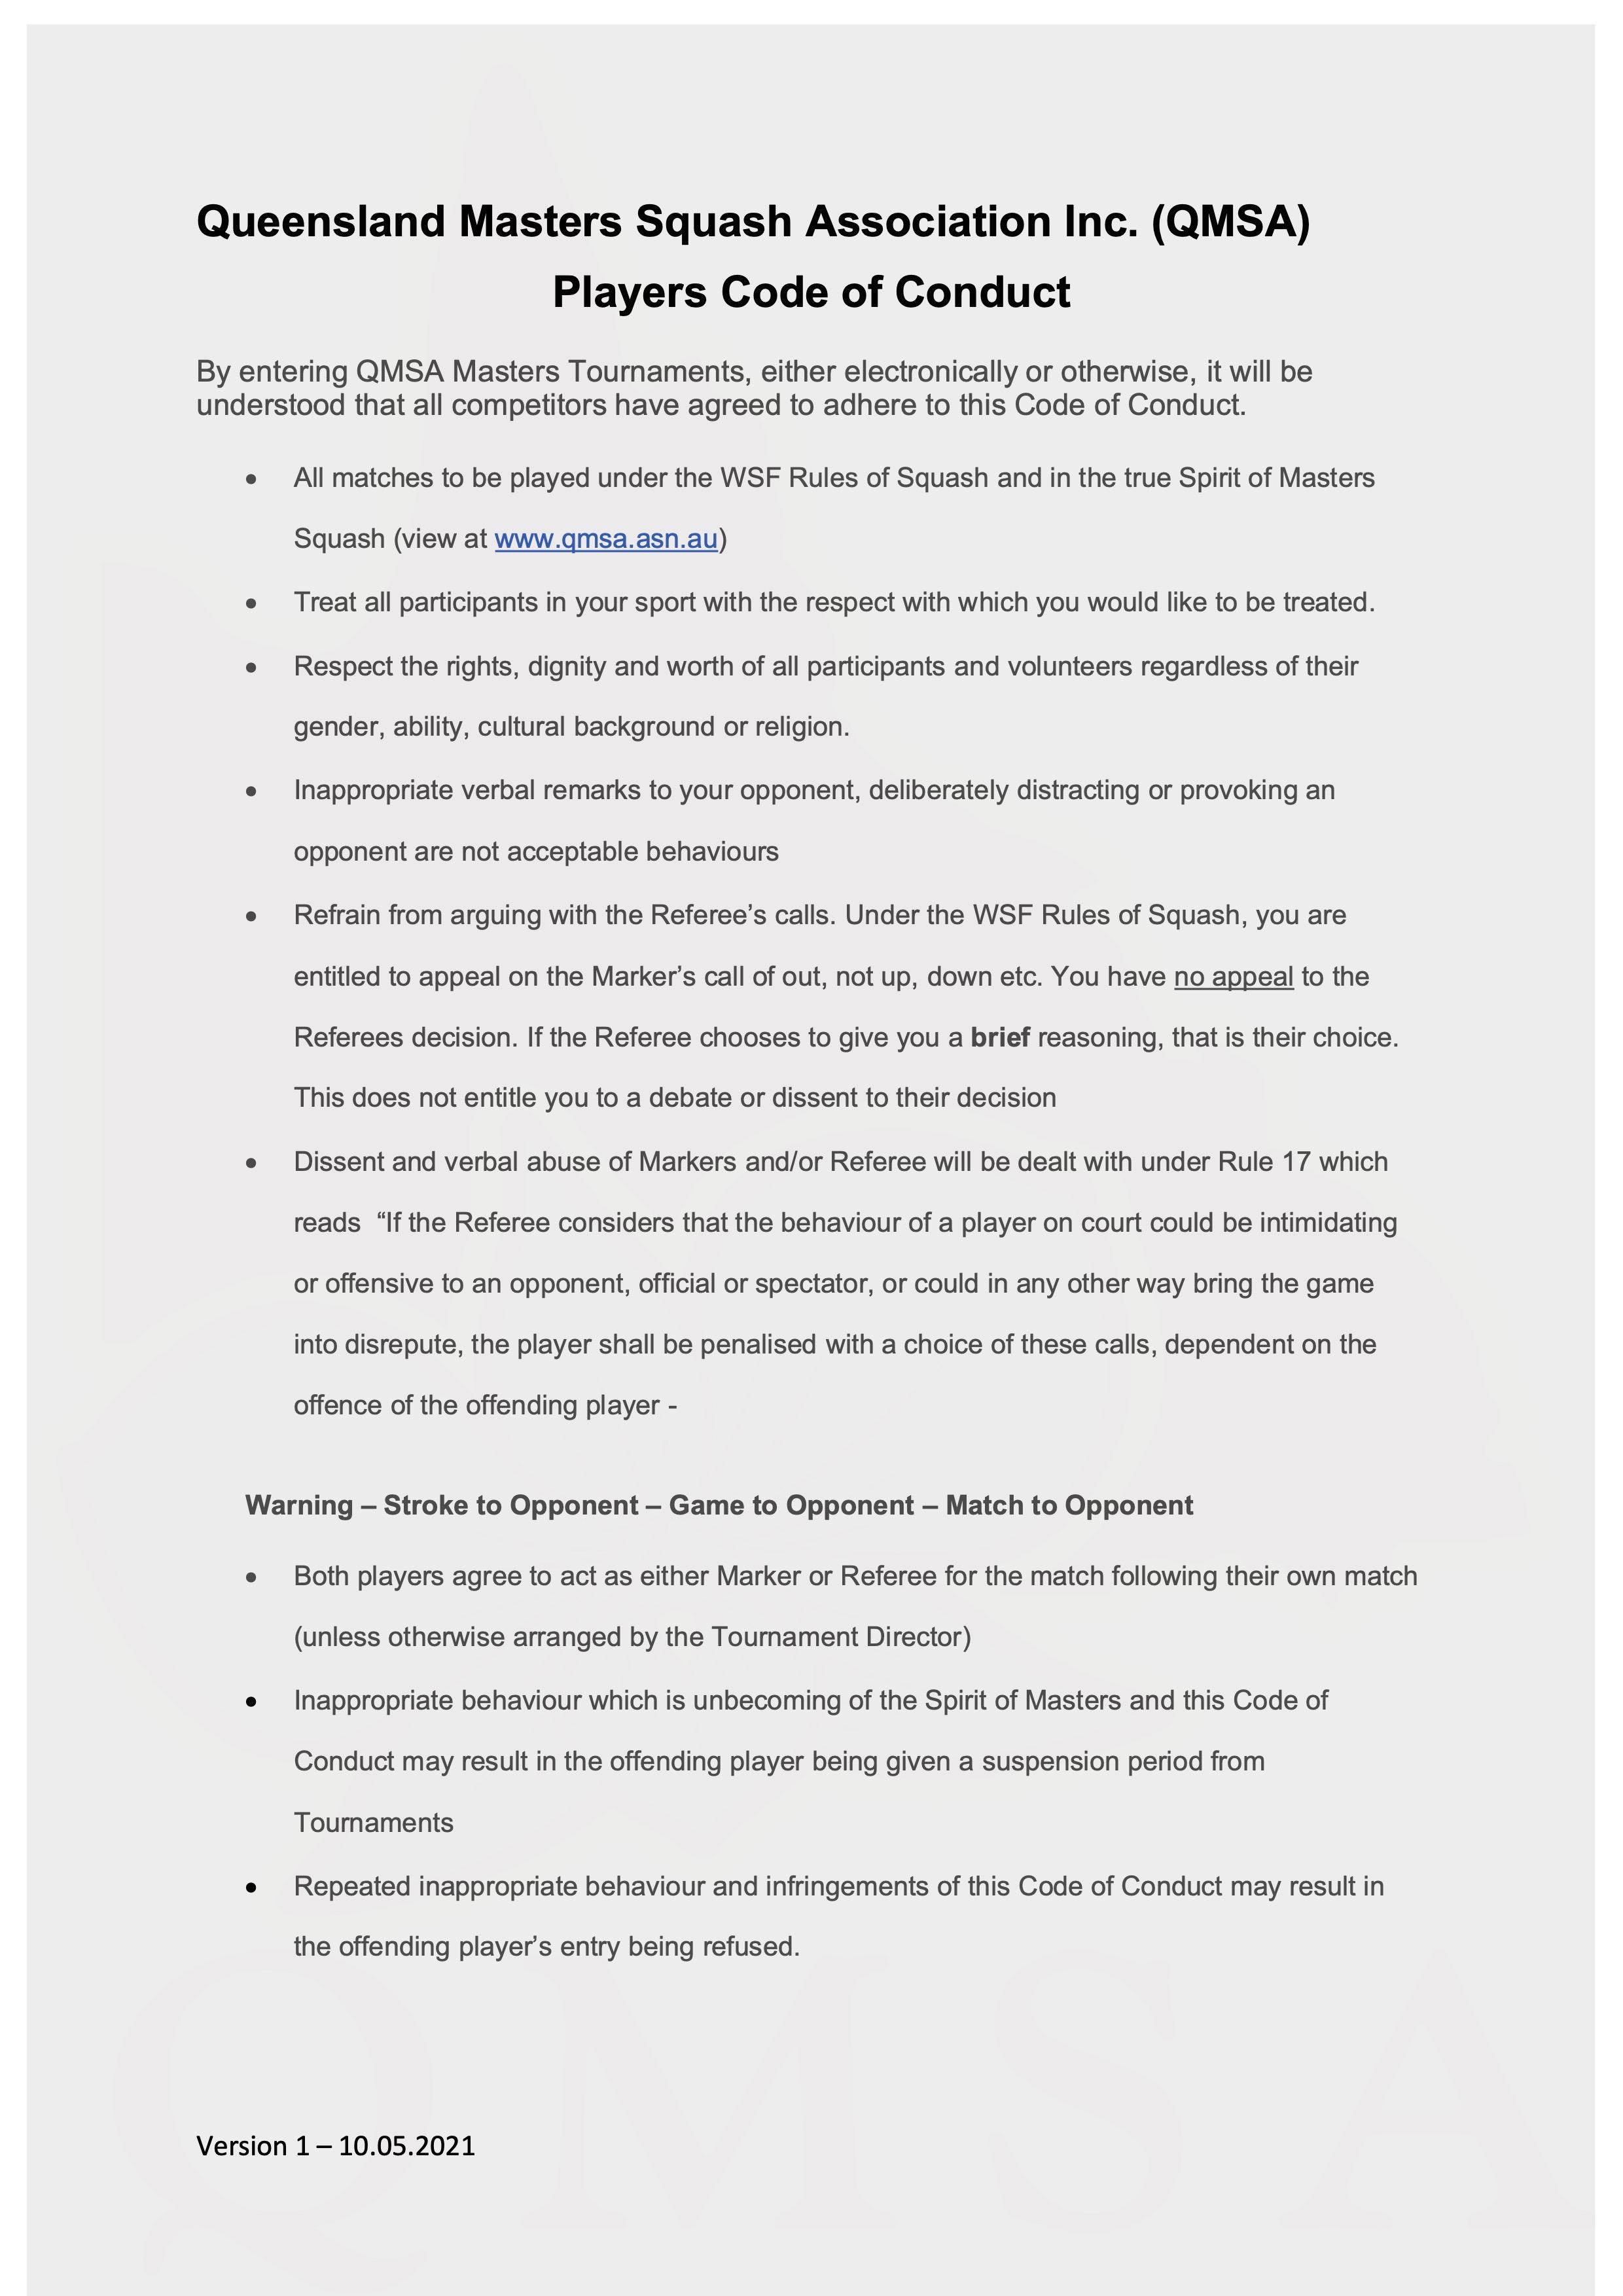 QMSA Code of Conduct